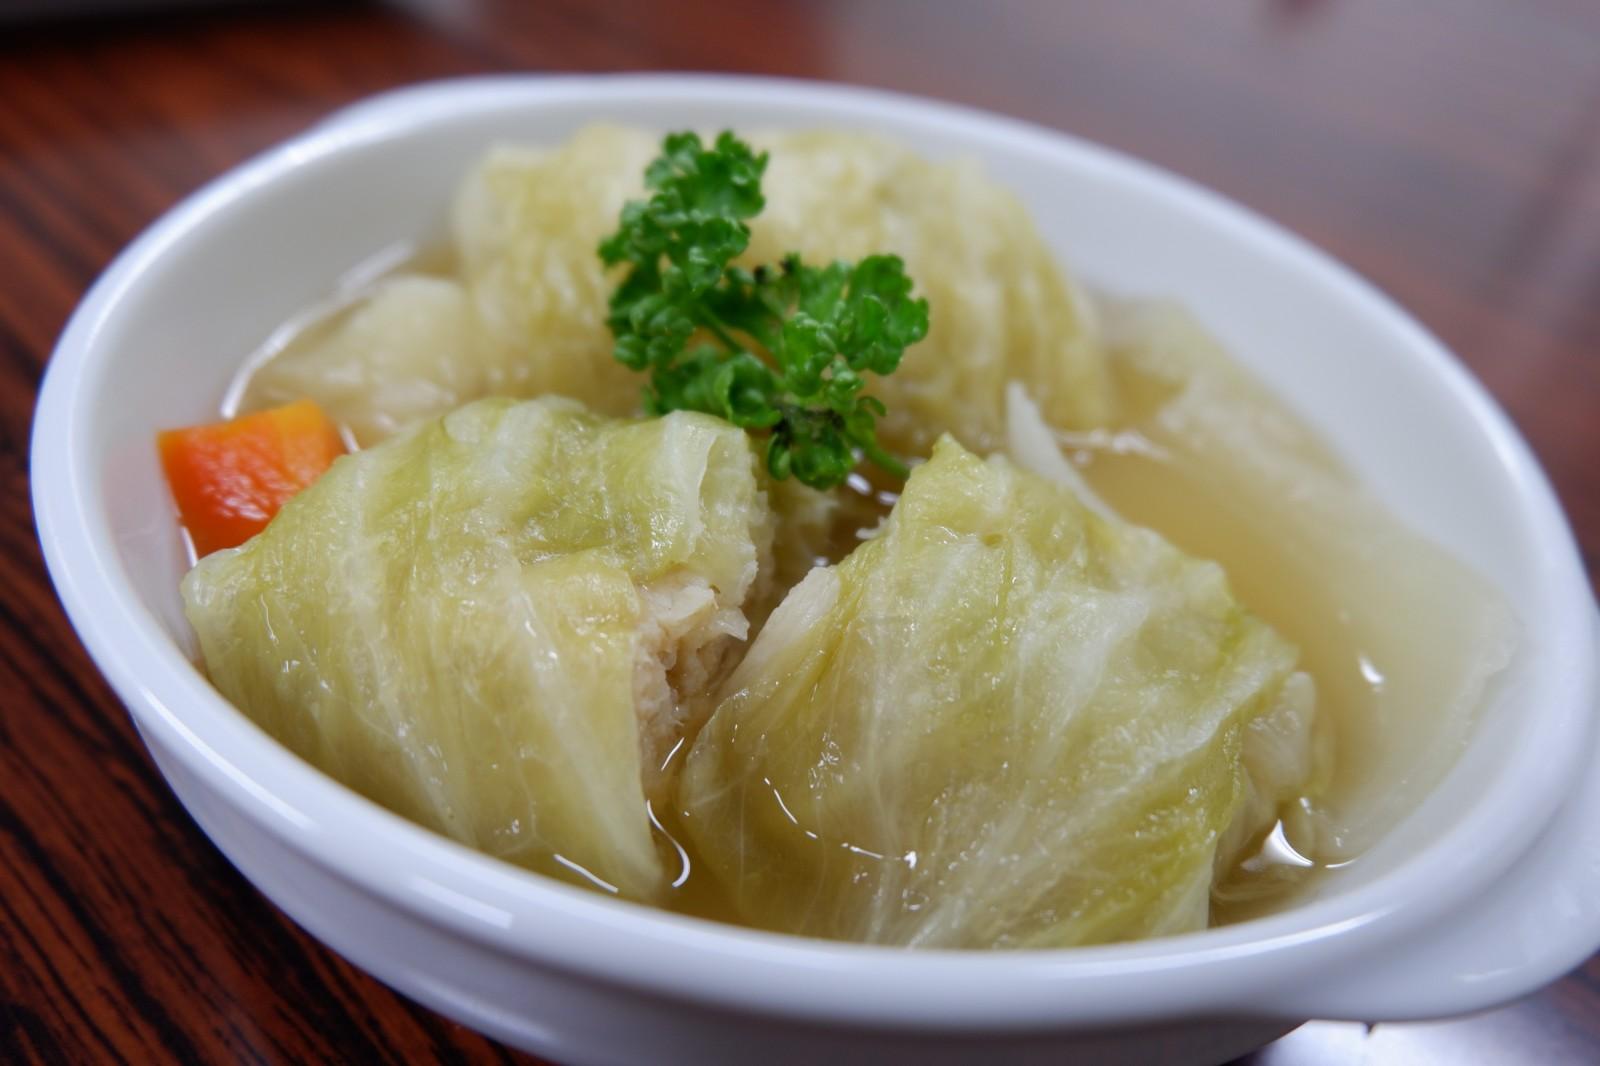 ありそうでなかった、家庭用冷凍食品の「ロールキャベツ」(米久)